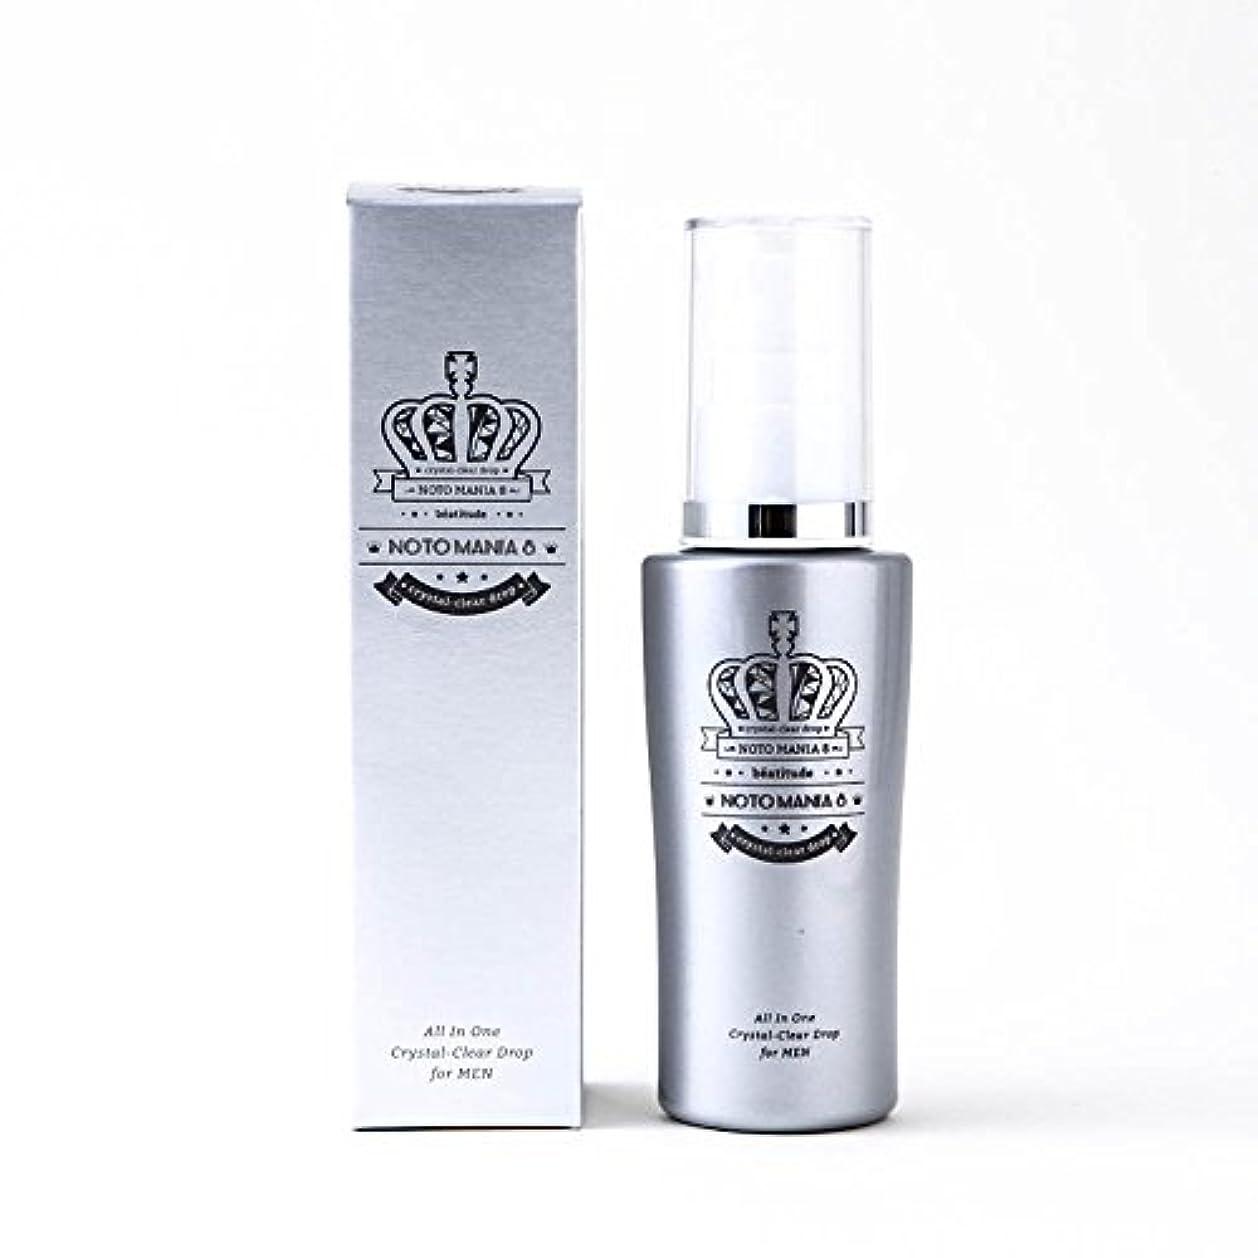 肌架空の妥協ノトマニア8 ( NOTOMANIA8 メンズ オールインワン 濃密保湿美容液 )& 男性用 スキンケア 化粧水